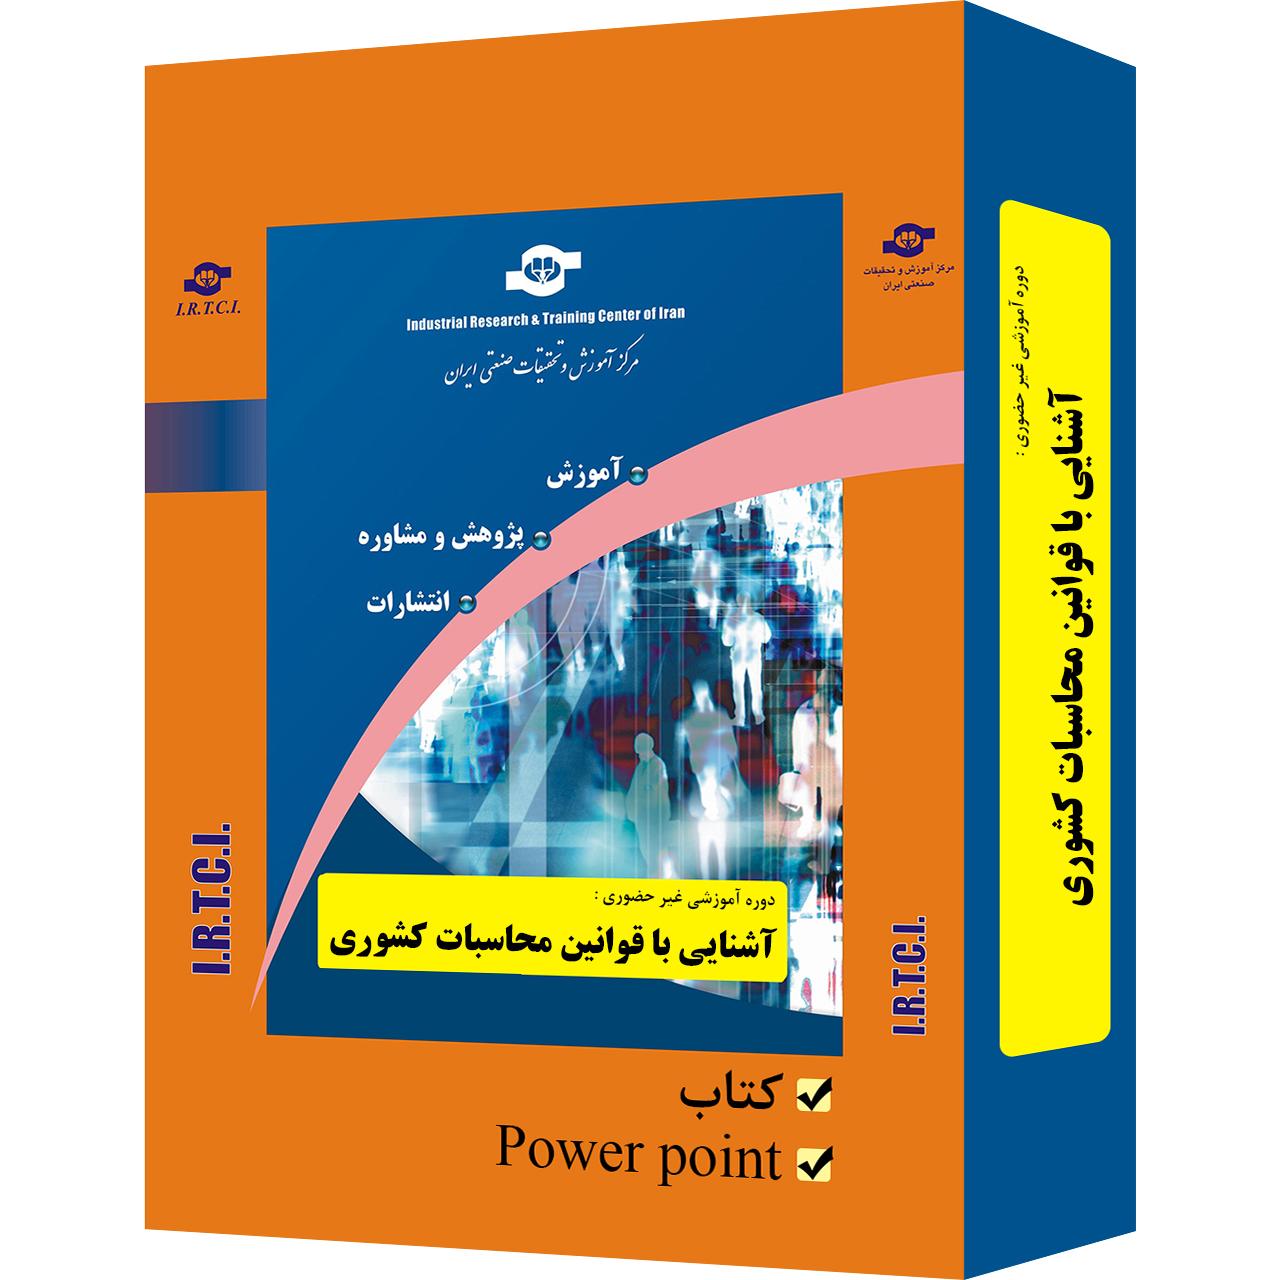 بسته آموزشی غیر حضوری آشنایی با قوانین محاسبات عمومی کشور نشر مرکز آموزش و تحقیقات صنعتی ایران